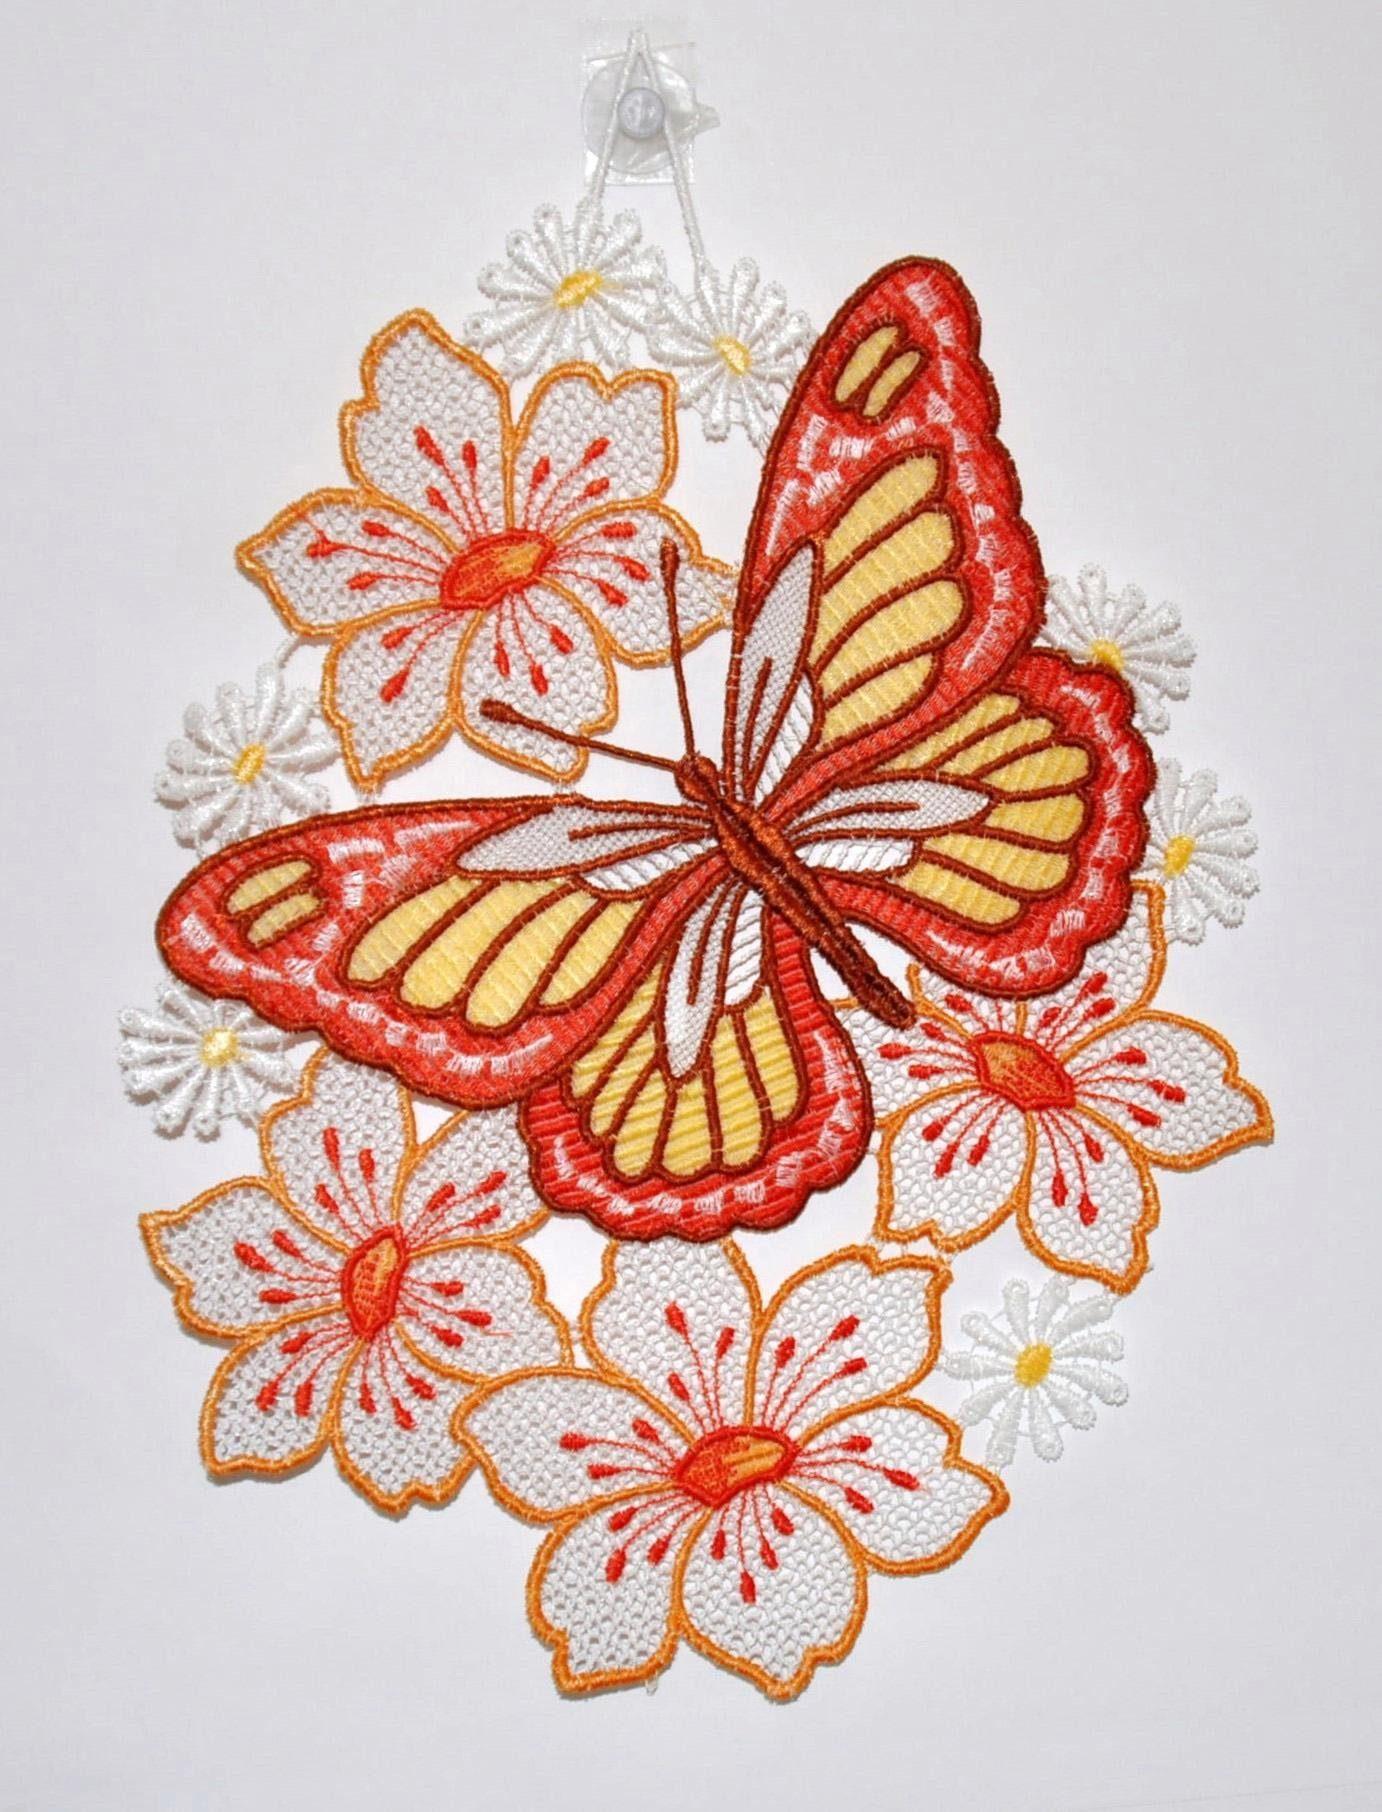 Fensterbild, Stickereien Plauen, »Schmetterling auf Blume«, Hakenaufhängung